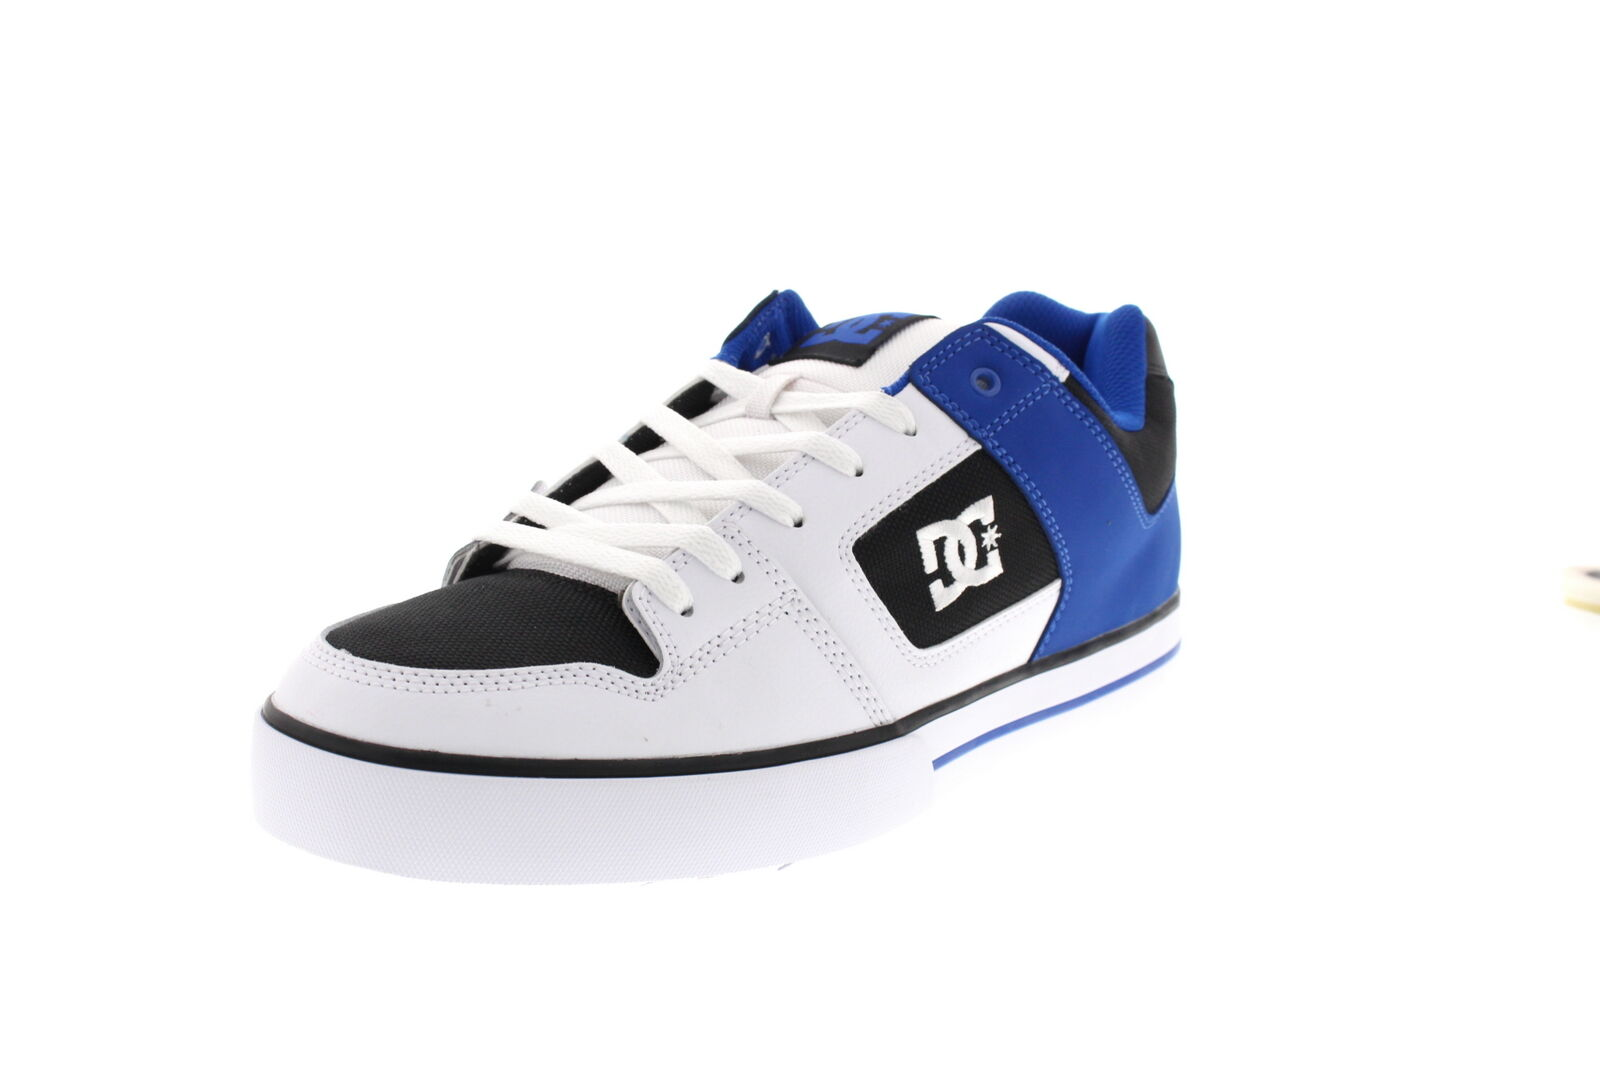 DC Schuhe in Übergrößen - PURE 300660 Weiß schwarz Blau